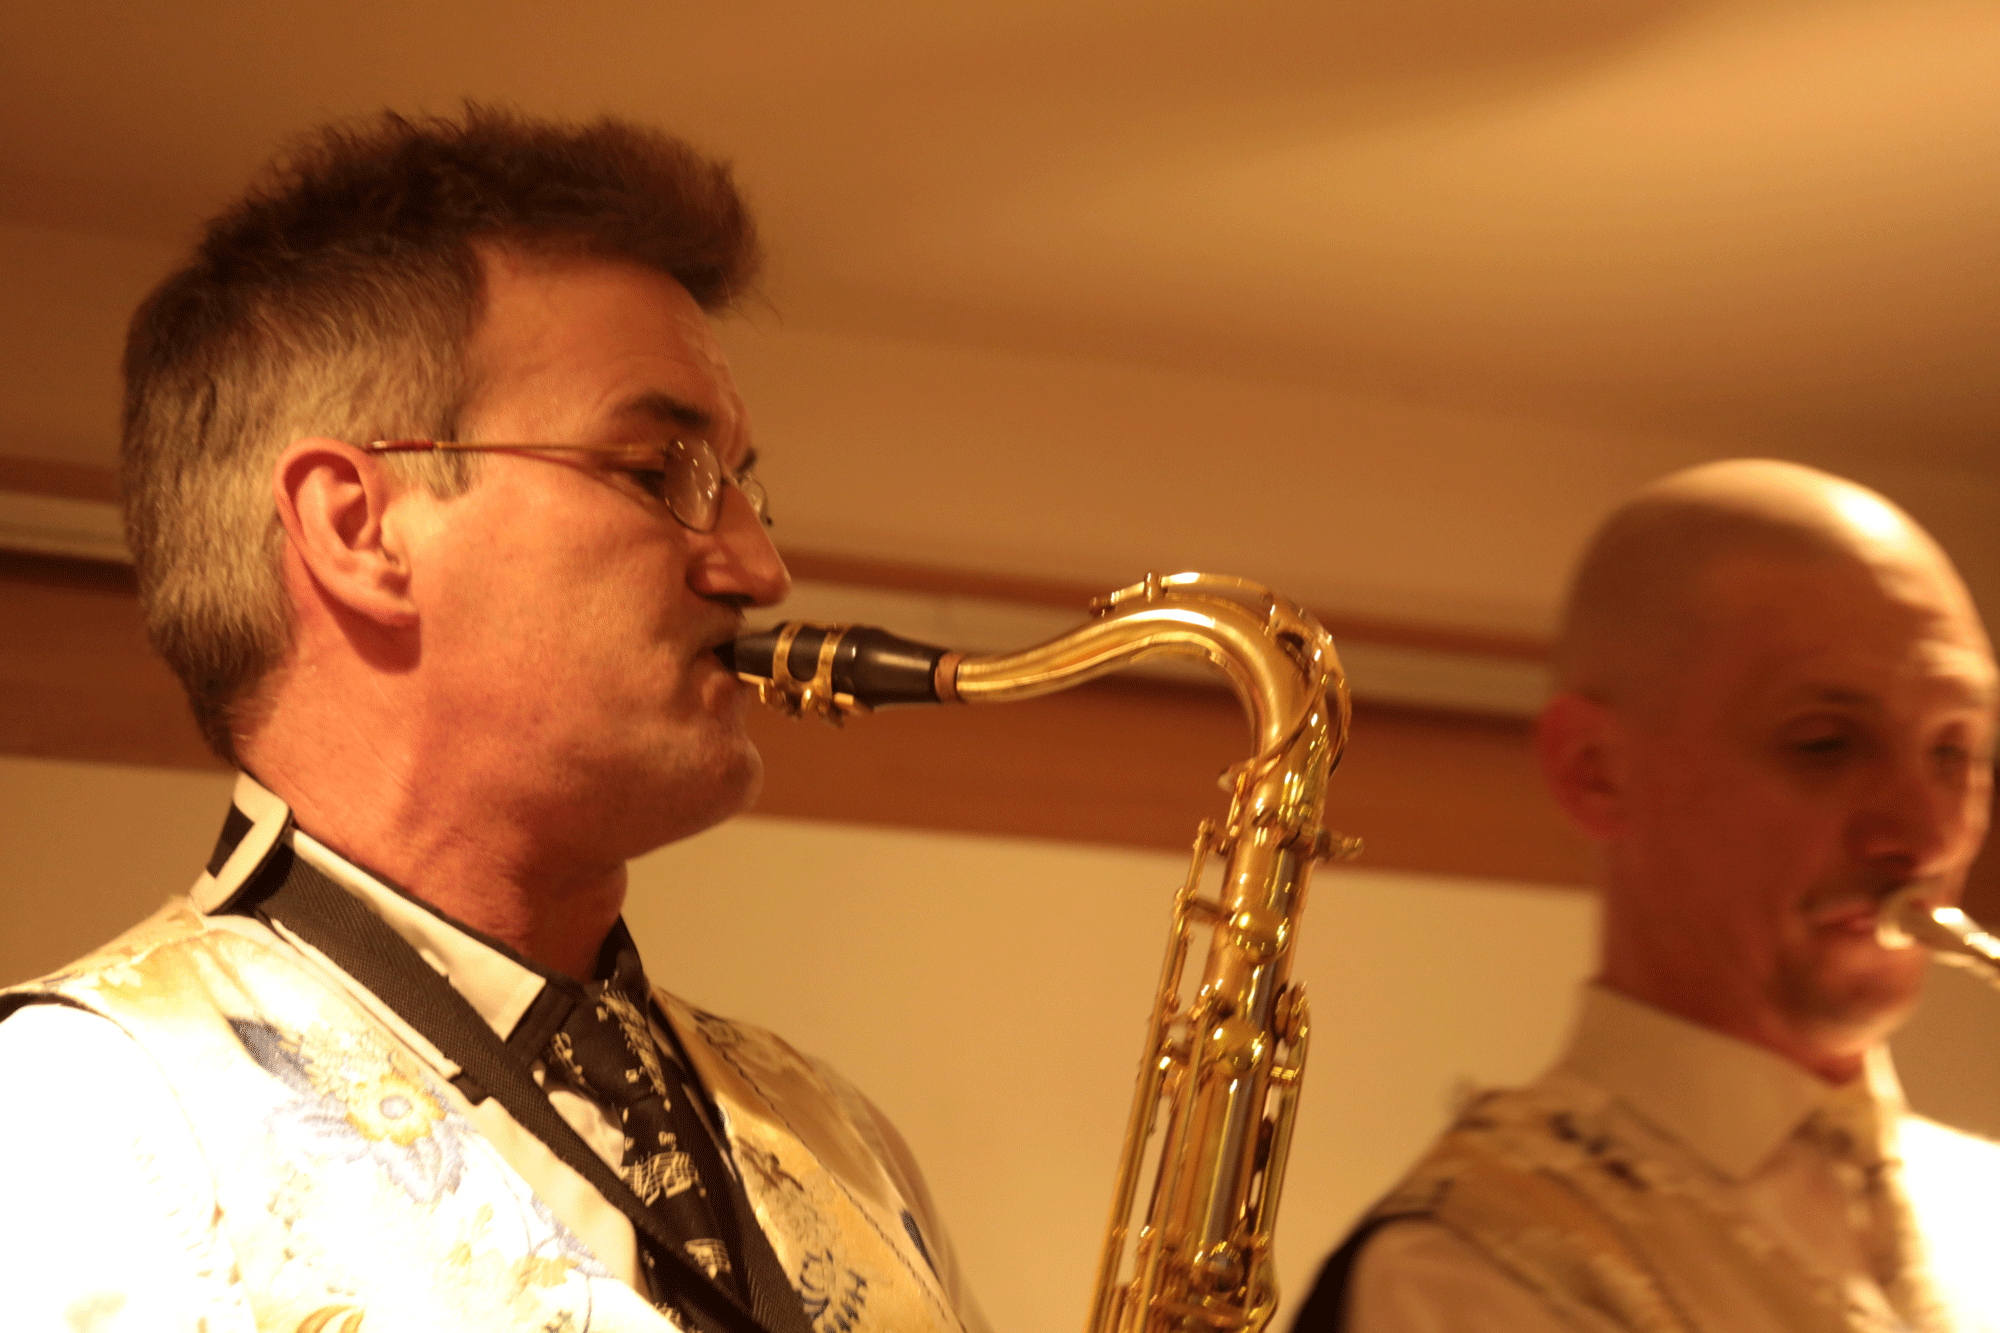 13-Saxophoniste-d'un-Orchestre-variété-jazz,-au-20-ans-de-la-SLMM,-Mesnil-le-roi-78-29-11-2014J